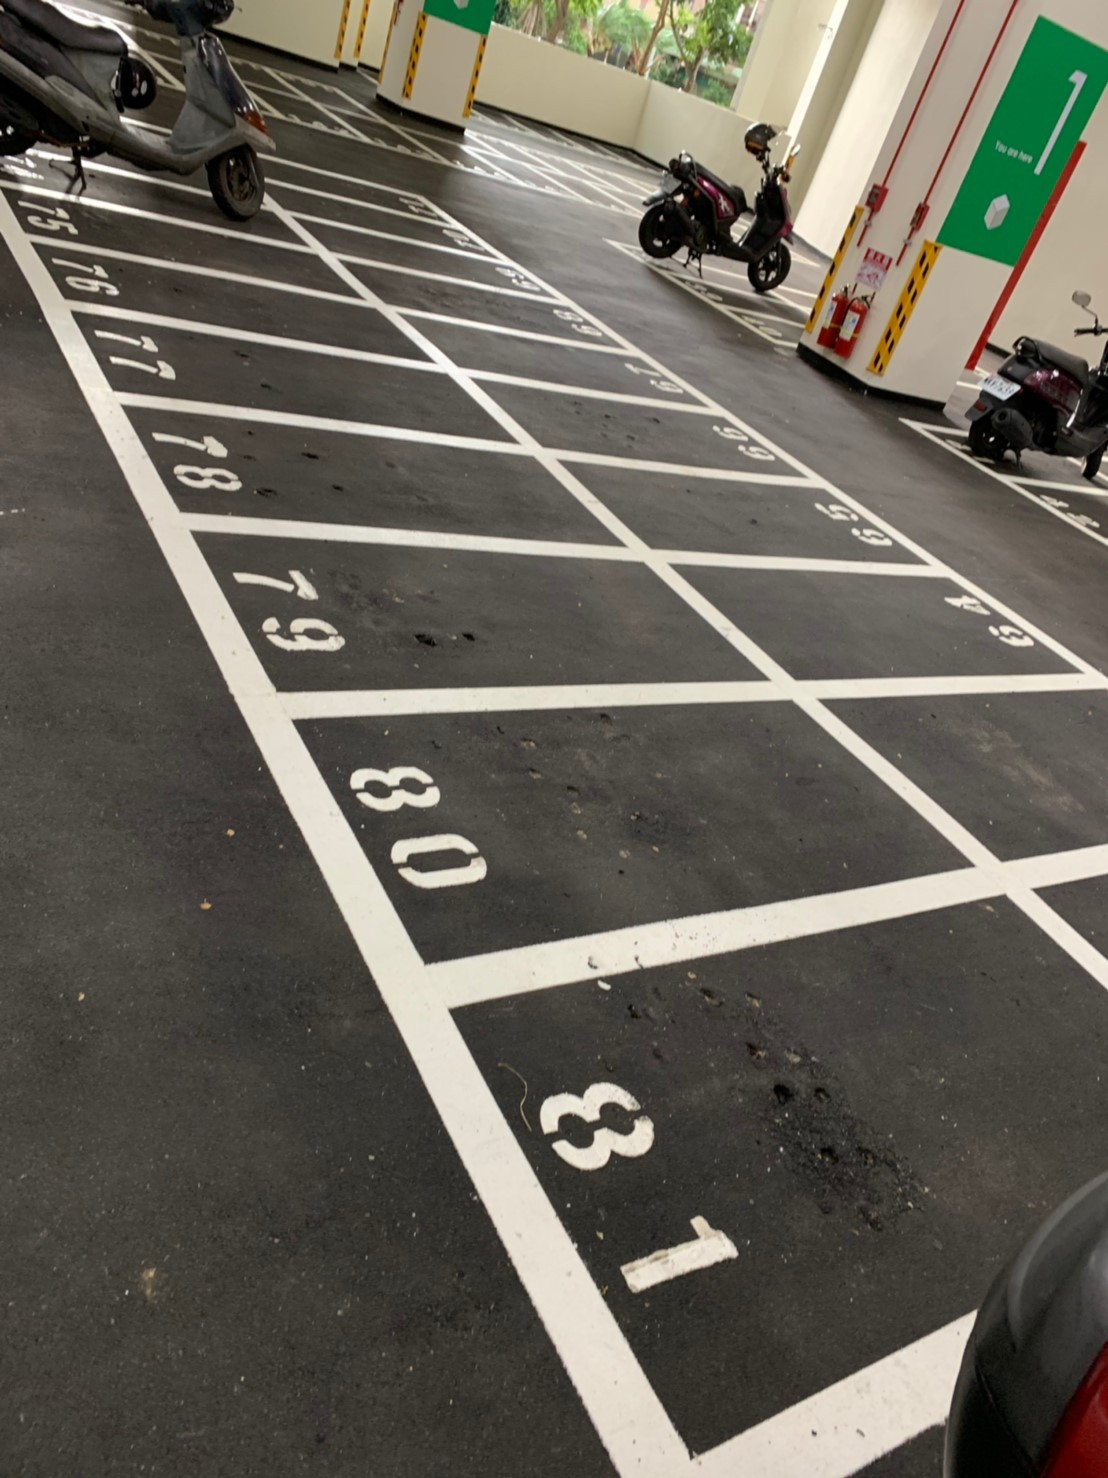 謝美英議員監督自強多功能停車場機車停車場缺失